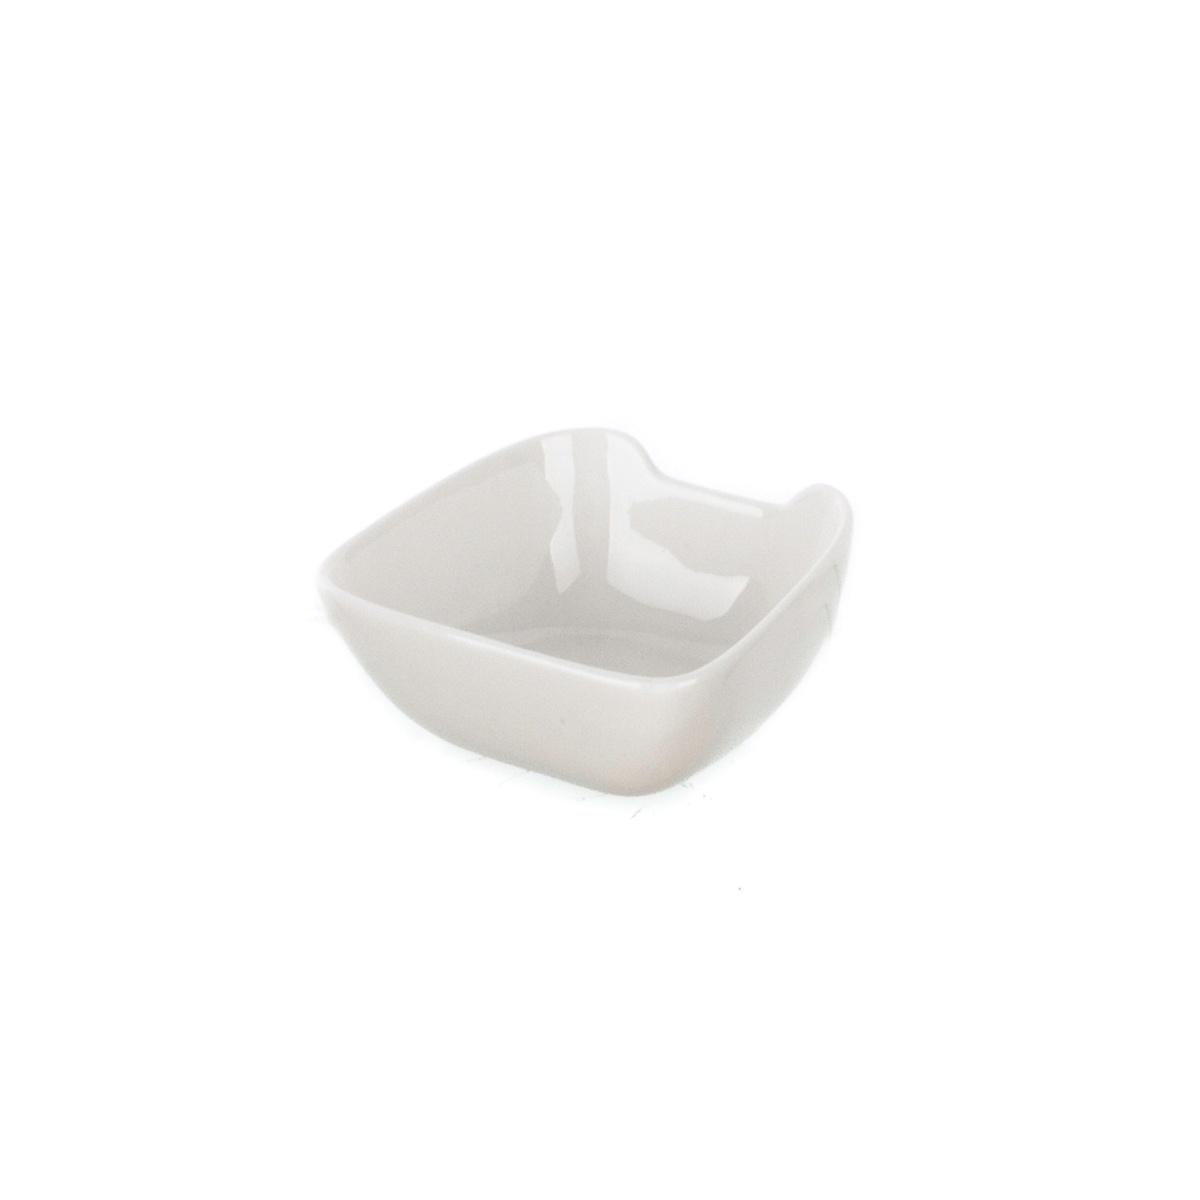 Standart Ultraform Porselen Kase 10X9 Cm